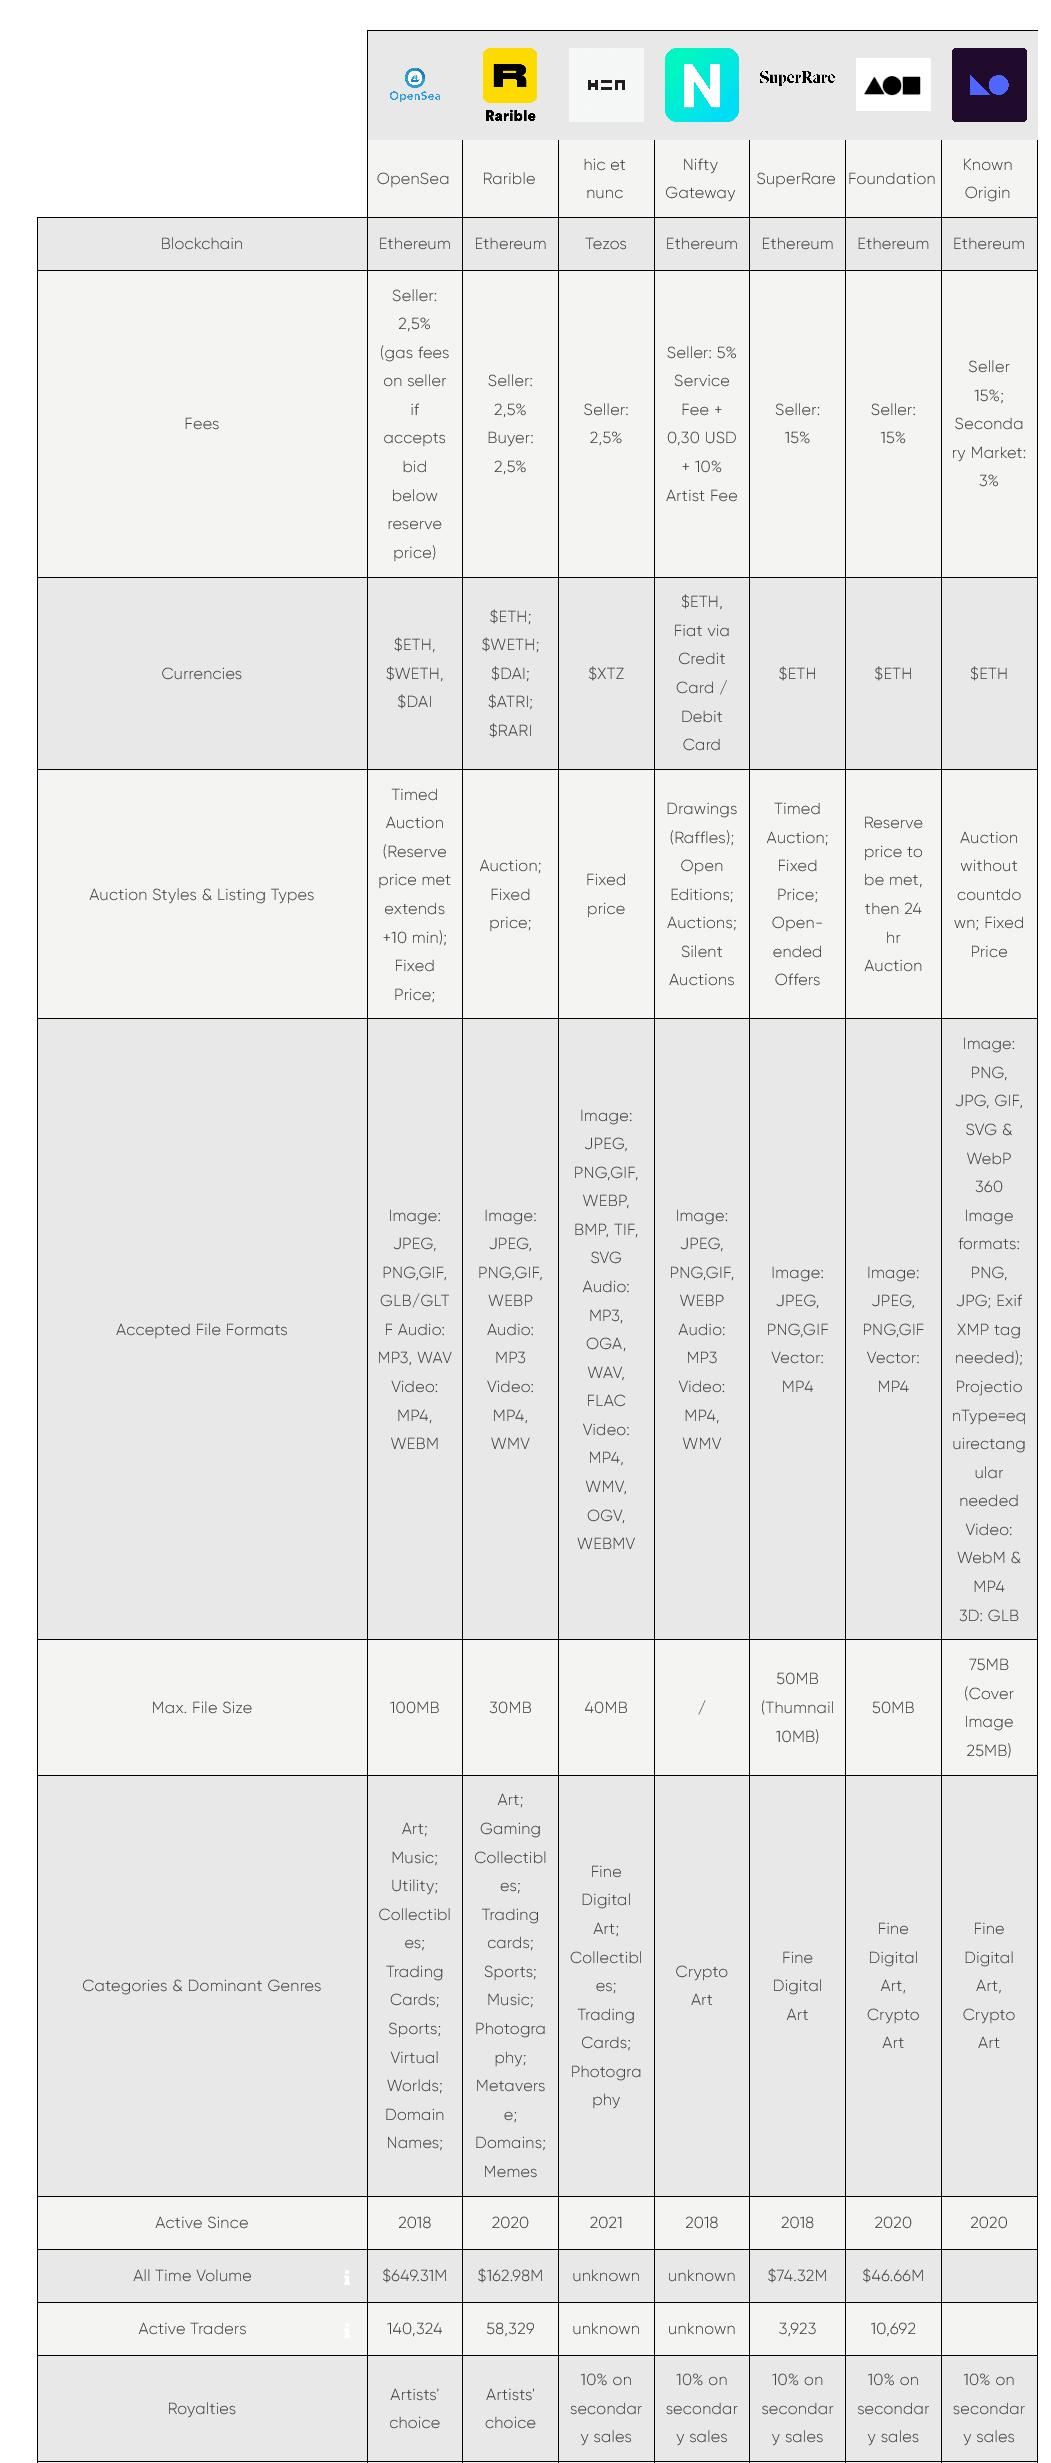 porównanie wybranych rynków NFT